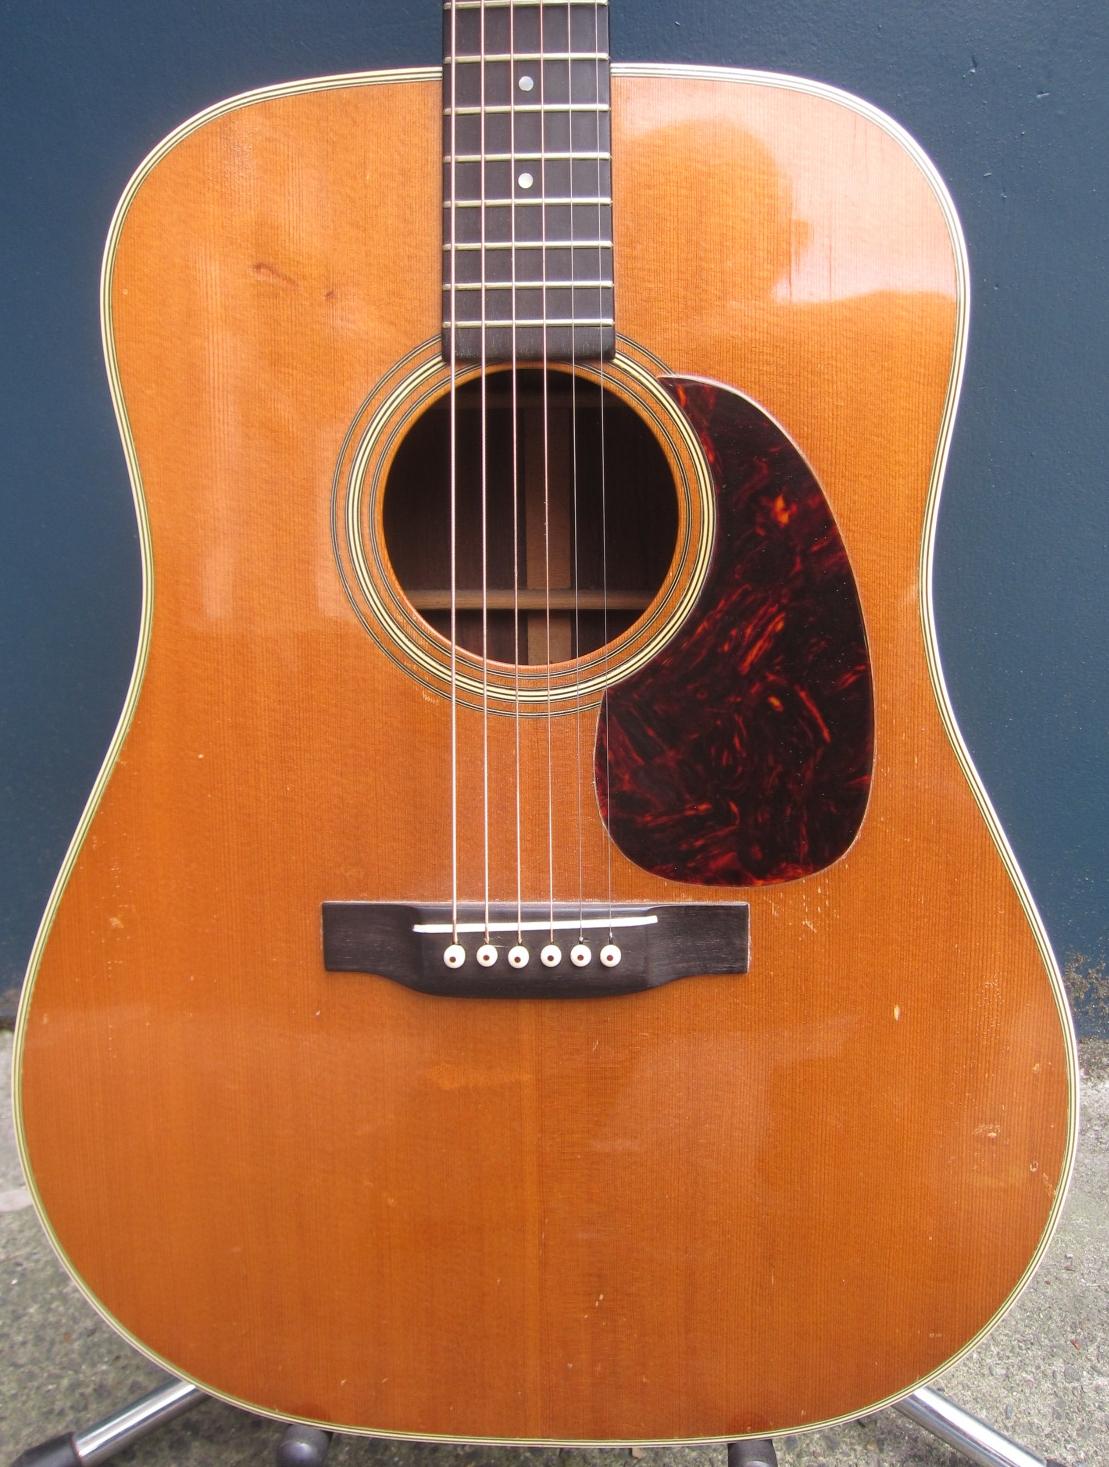 martin d28 1961 guitar for sale new kings road guitars. Black Bedroom Furniture Sets. Home Design Ideas